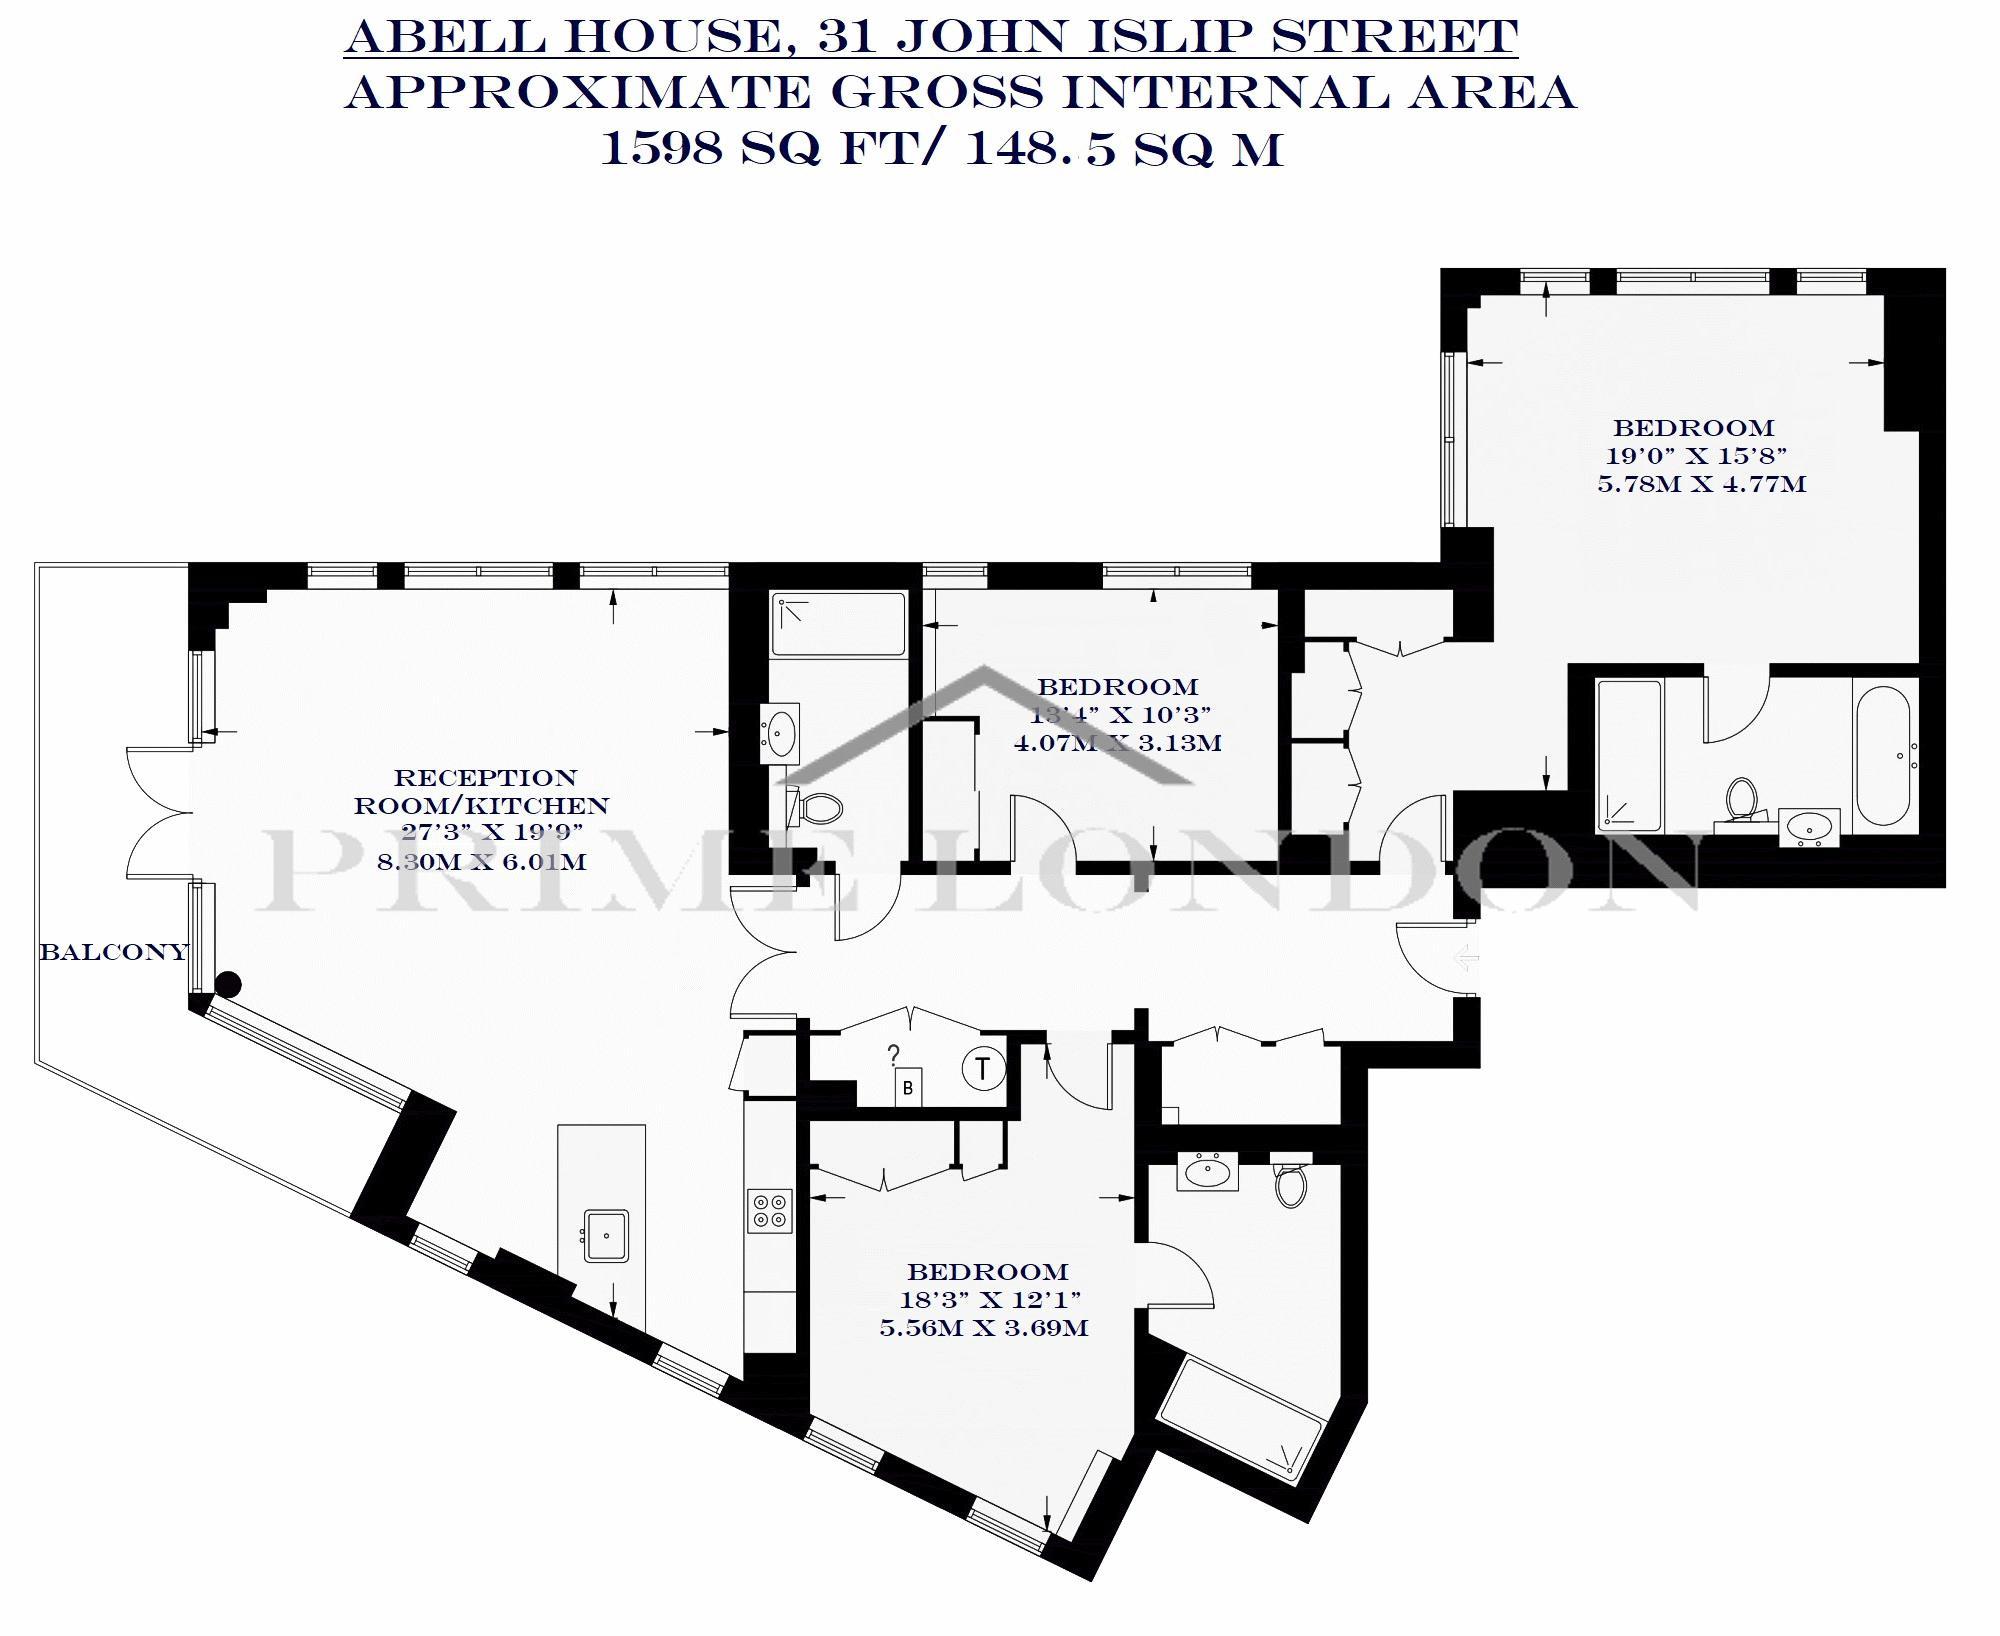 Abell House 31 John Islip Street